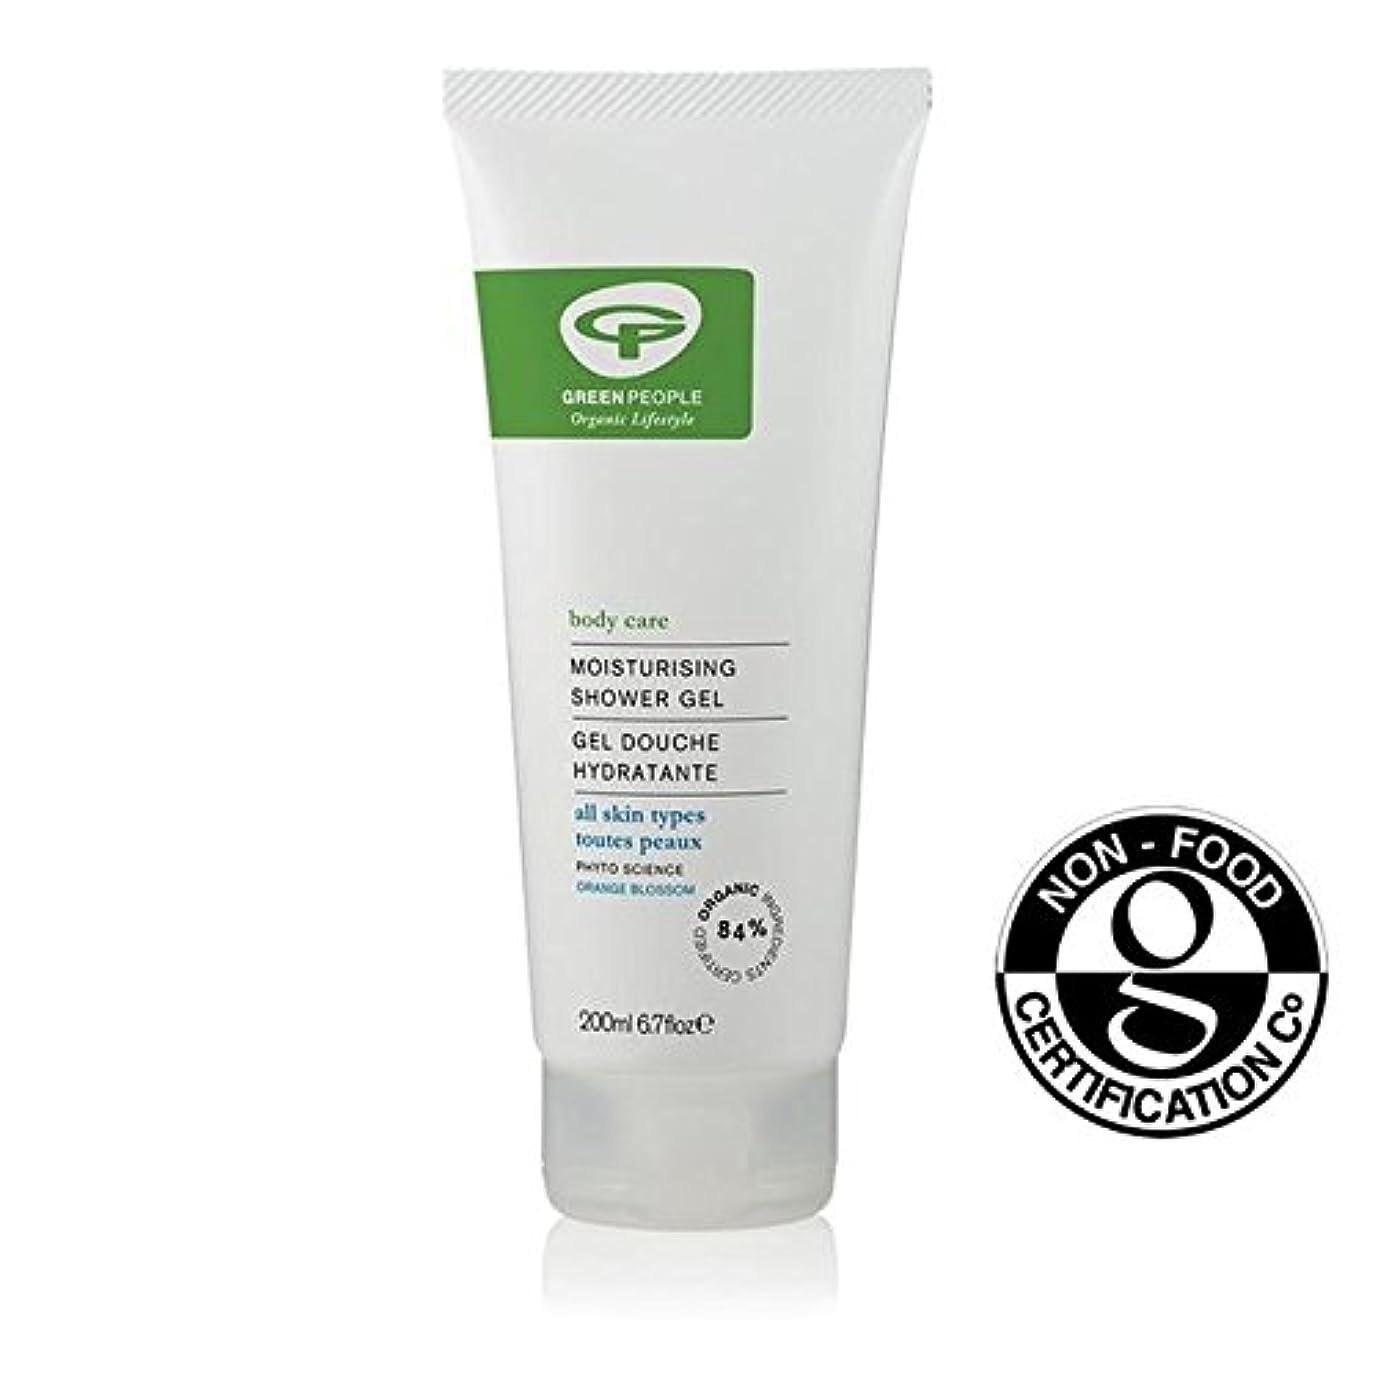 官僚かび臭い決定的緑の人々の有機保湿シャワージェル200 x2 - Green People Organic Moisturising Shower Gel 200ml (Pack of 2) [並行輸入品]